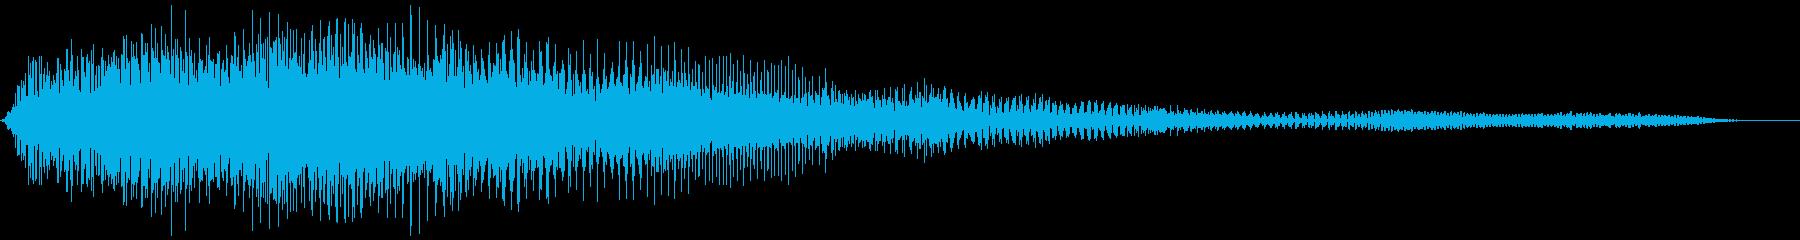 軋む(ドア、扉など) キィーゥーの再生済みの波形